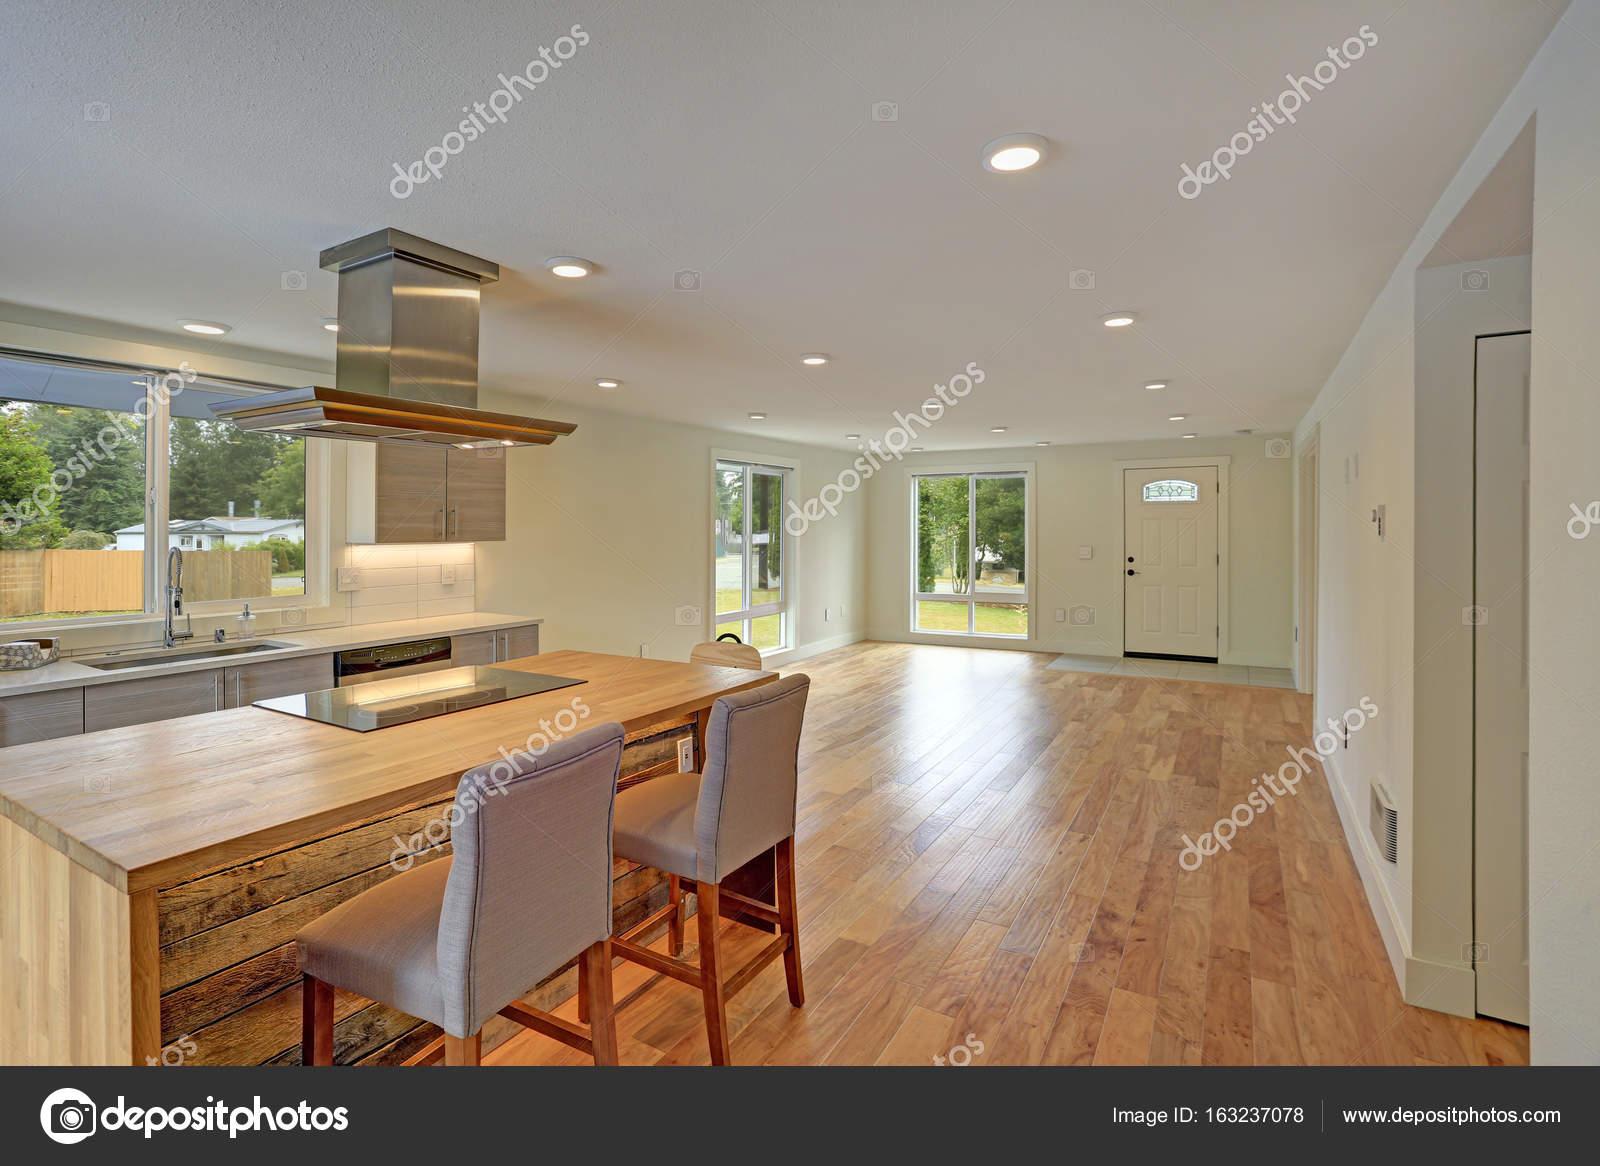 Keuken Plattegrond Open : Open plattegrond interieur beschikt over een onlangs gerenoveerd